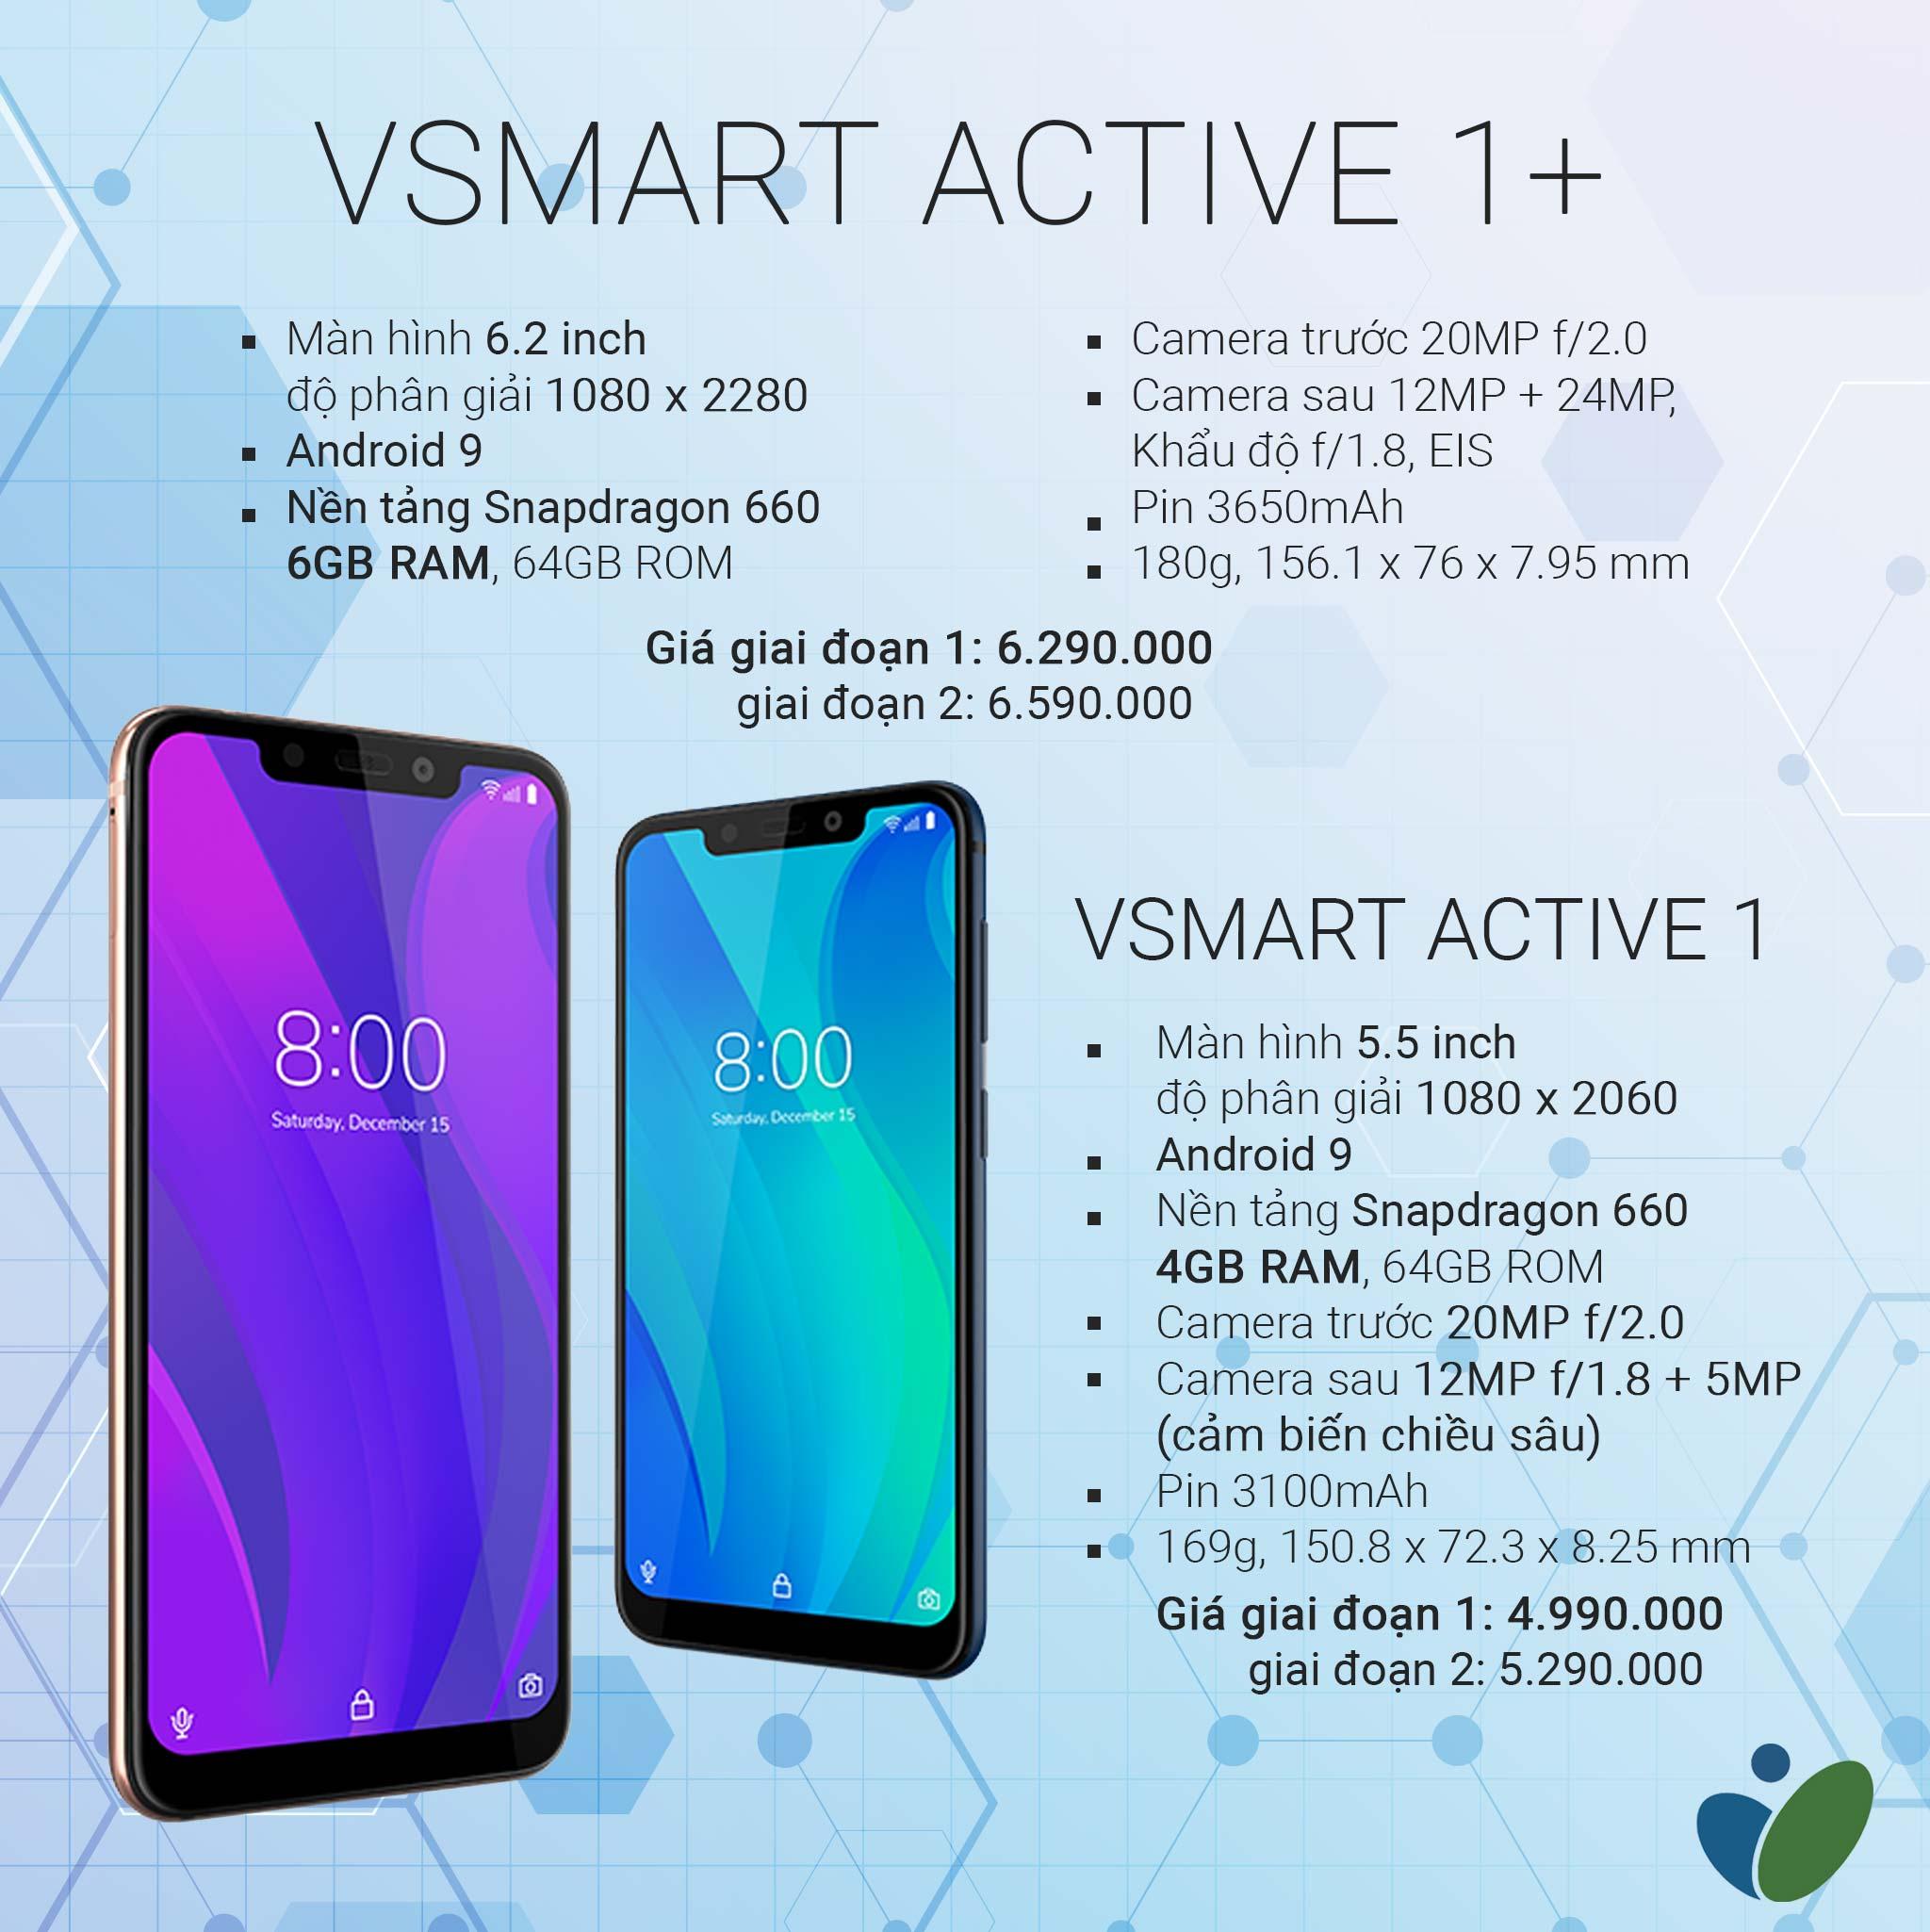 4515658_Vsmart-Active-Tinhte_new.jpg